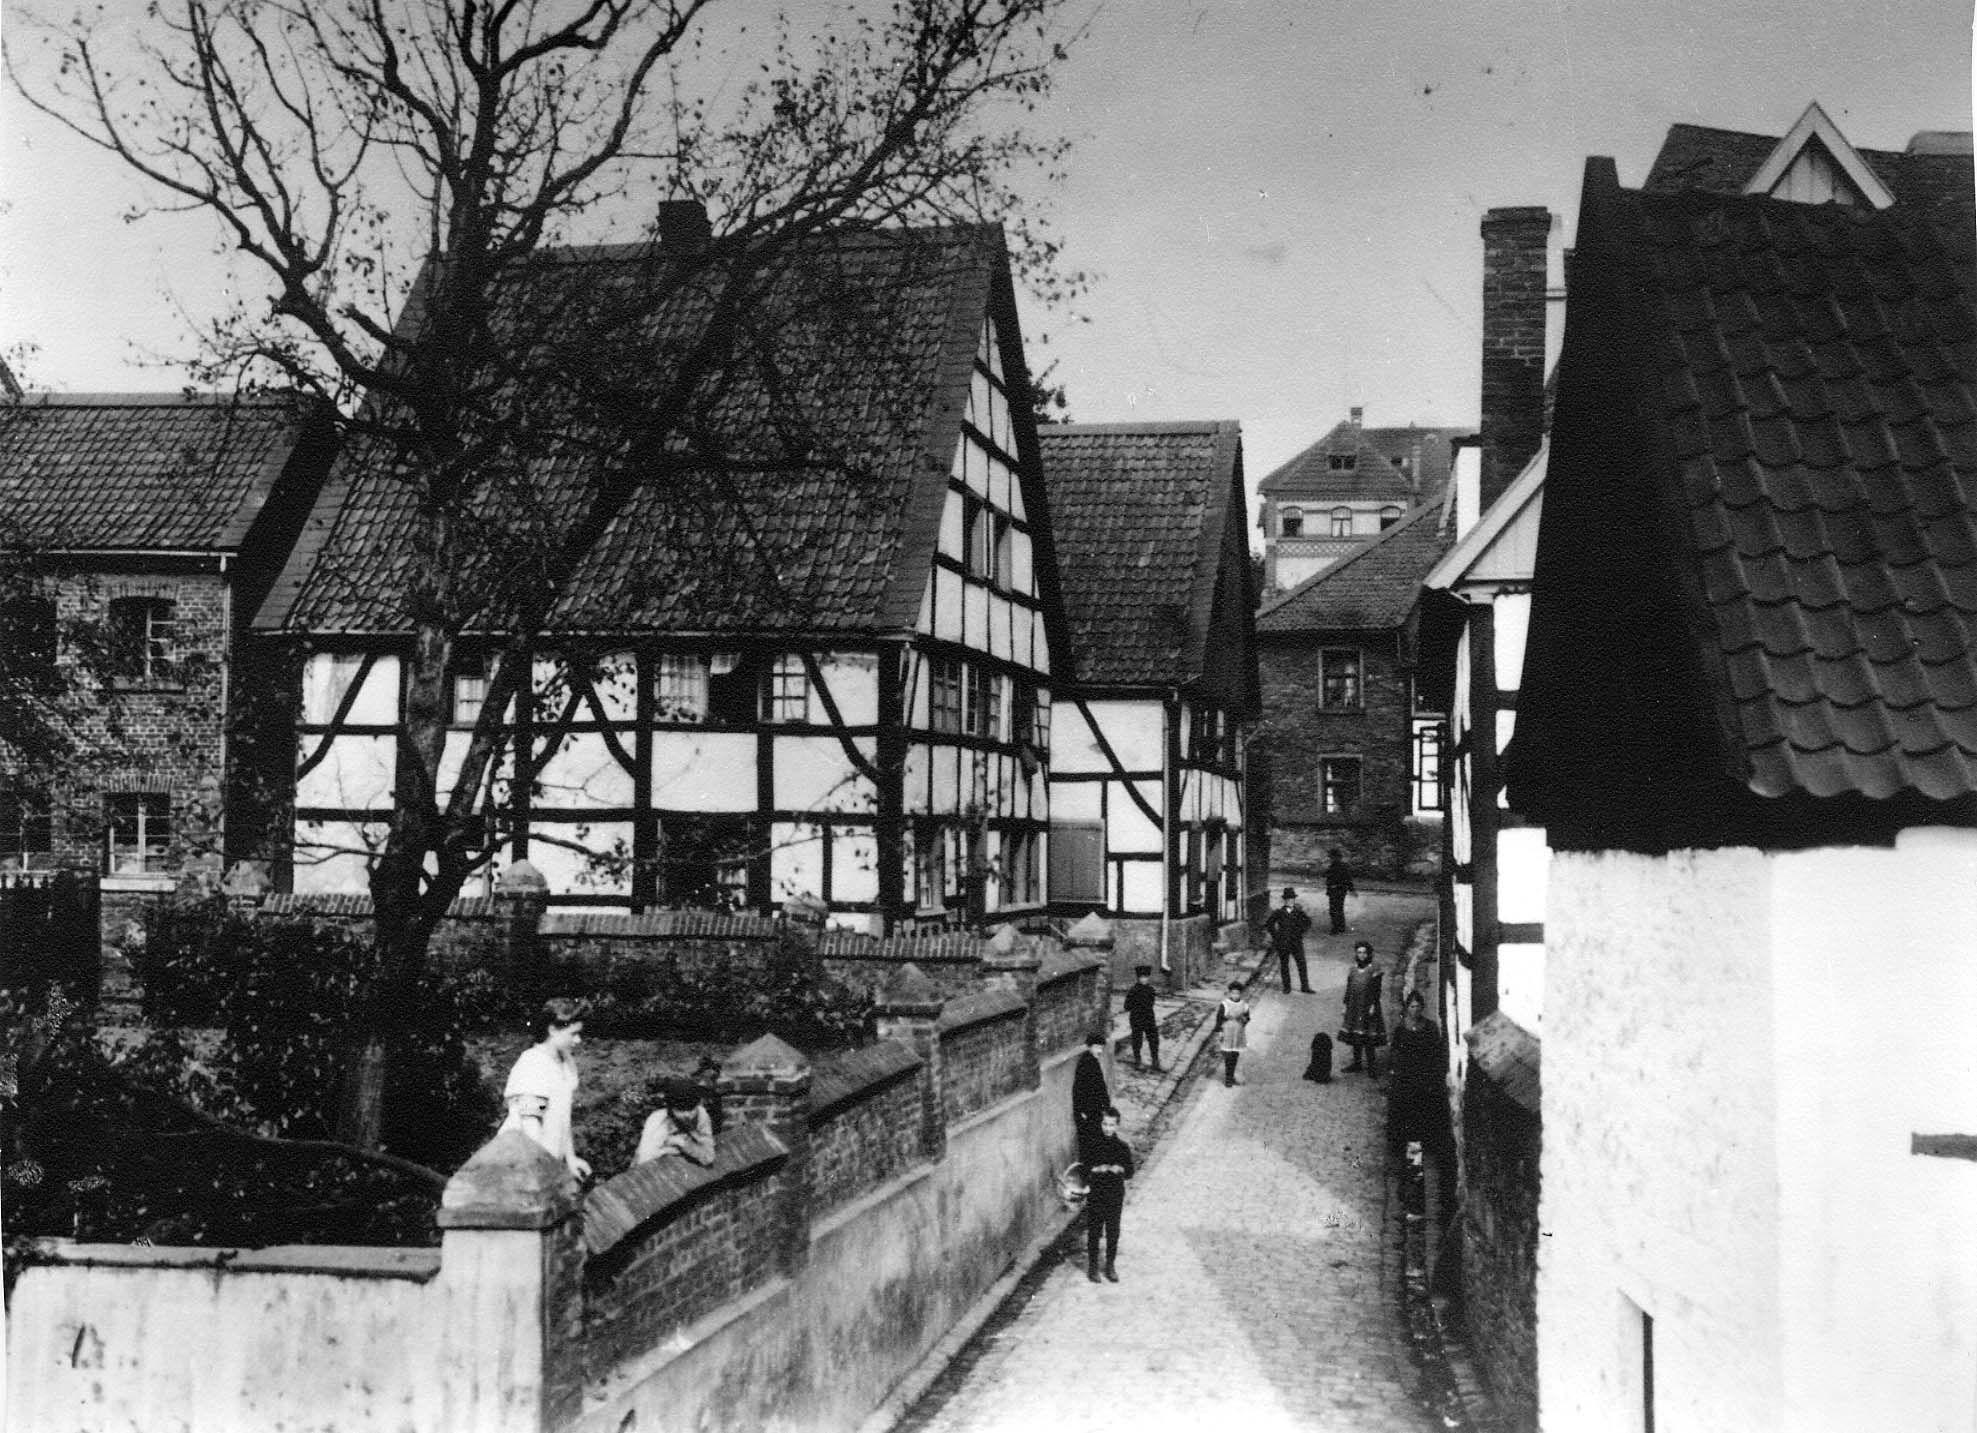 Bilsteinstraße, Herdecke, Westfalen, 30er Jahre (mit